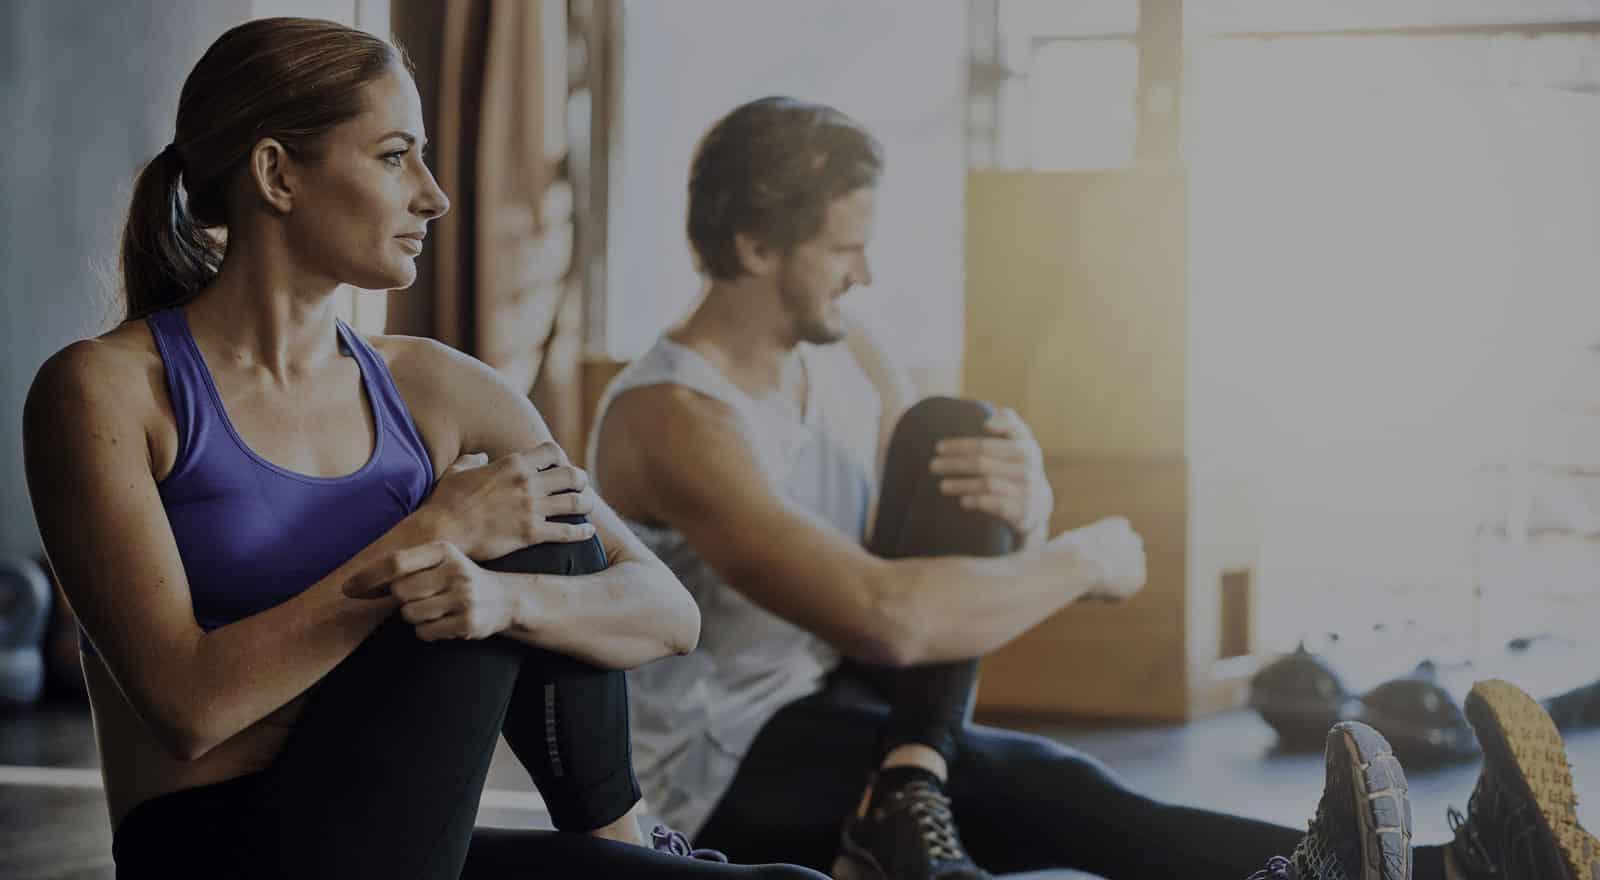 Im Fitnessstudio die Muskeln nach dem Training dehnen und stretchen